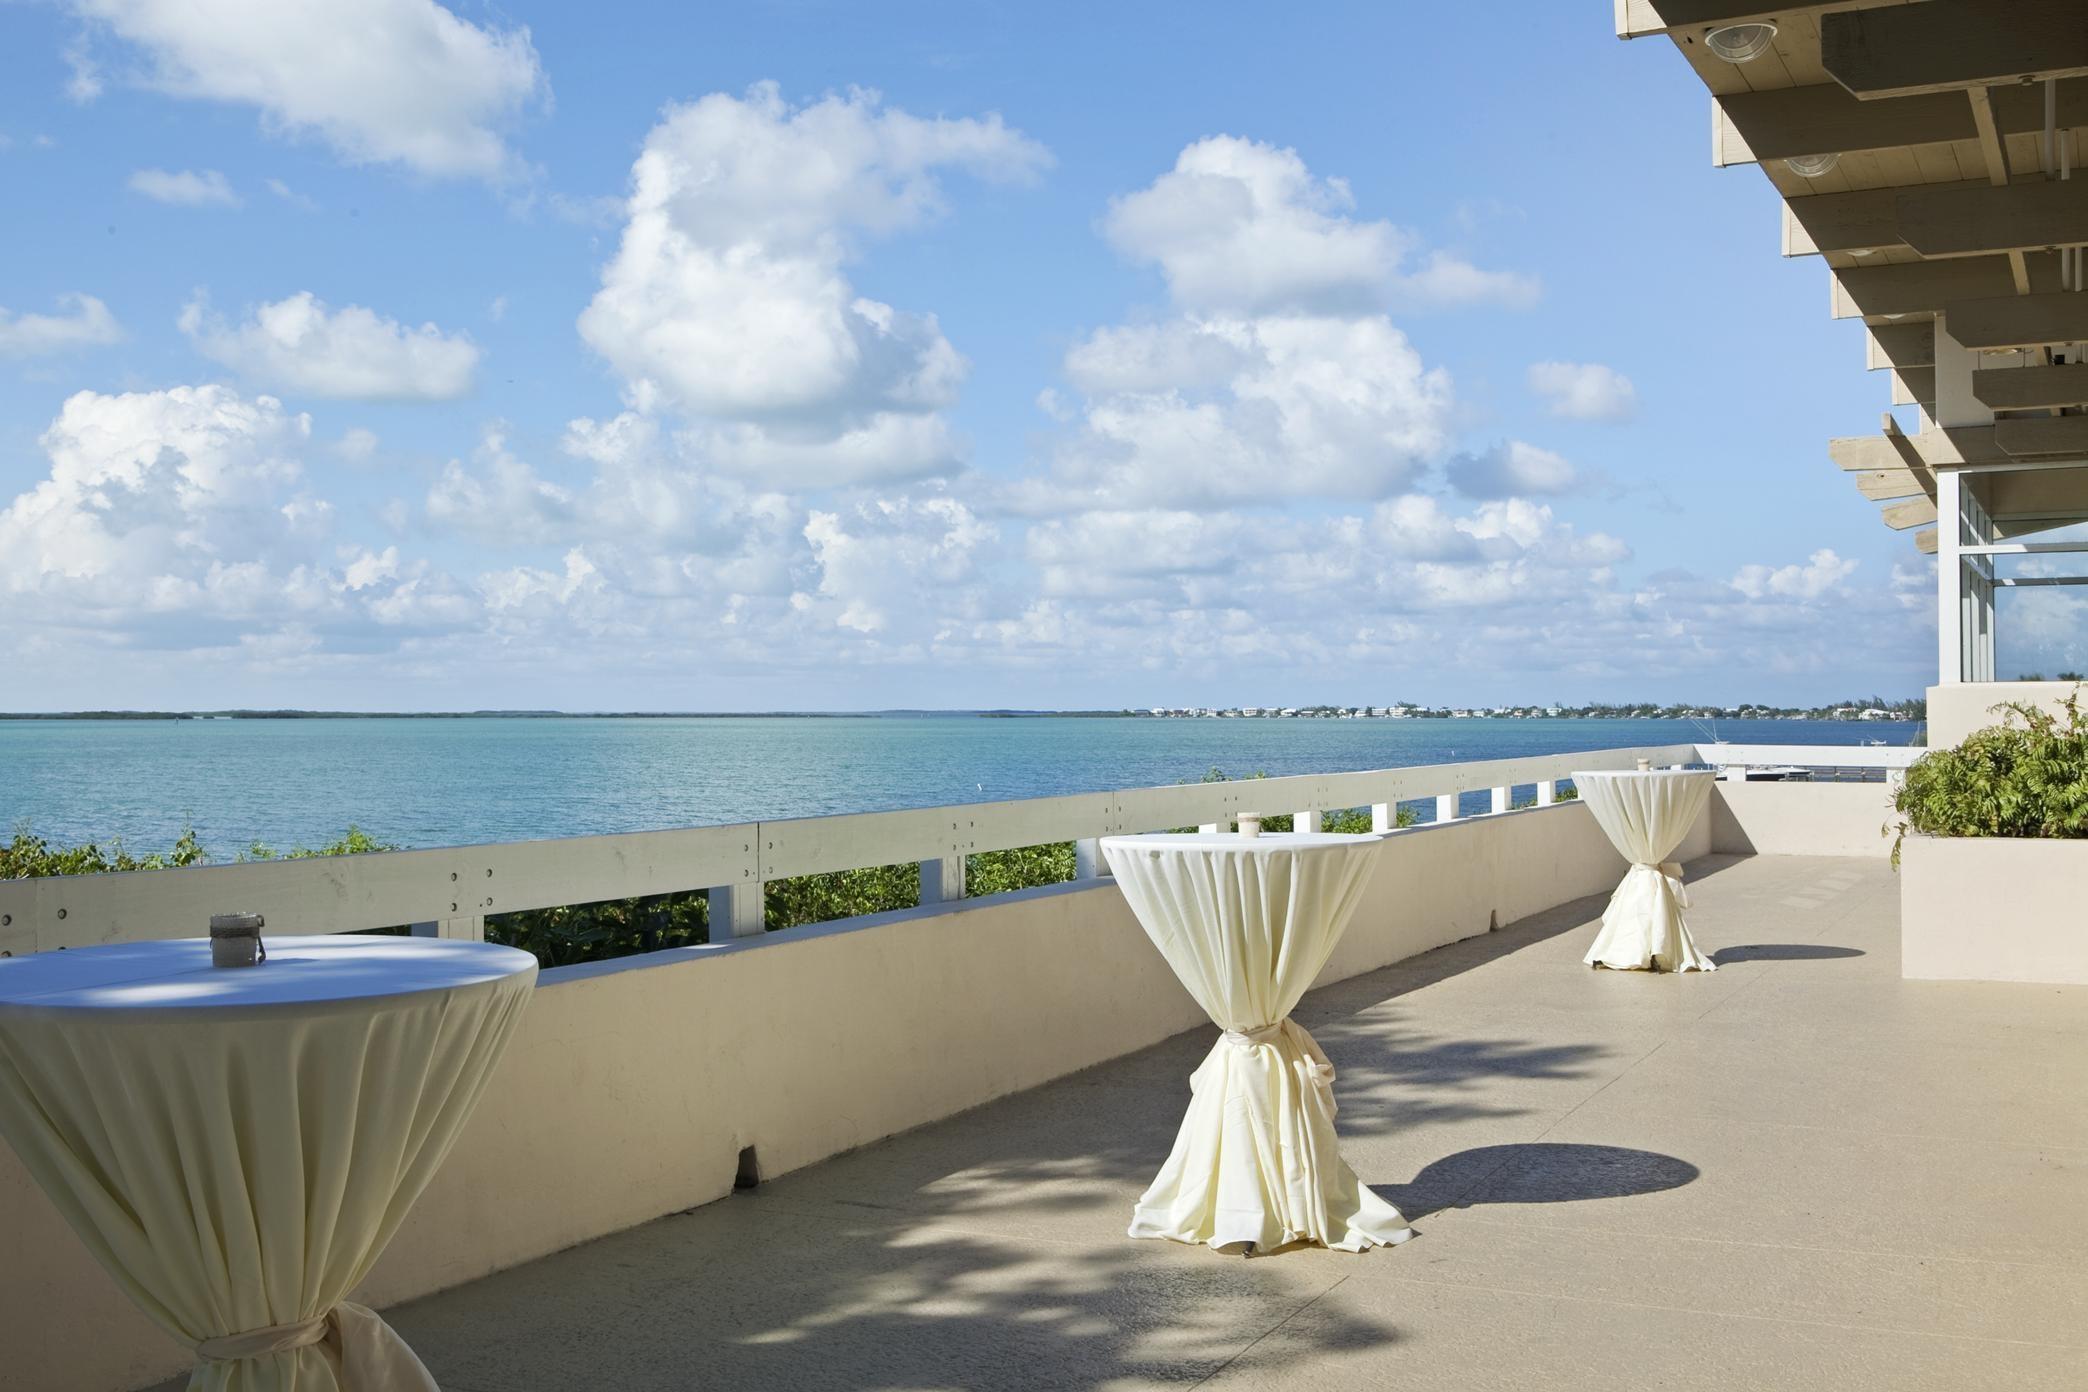 Hilton Key Largo Resort image 17